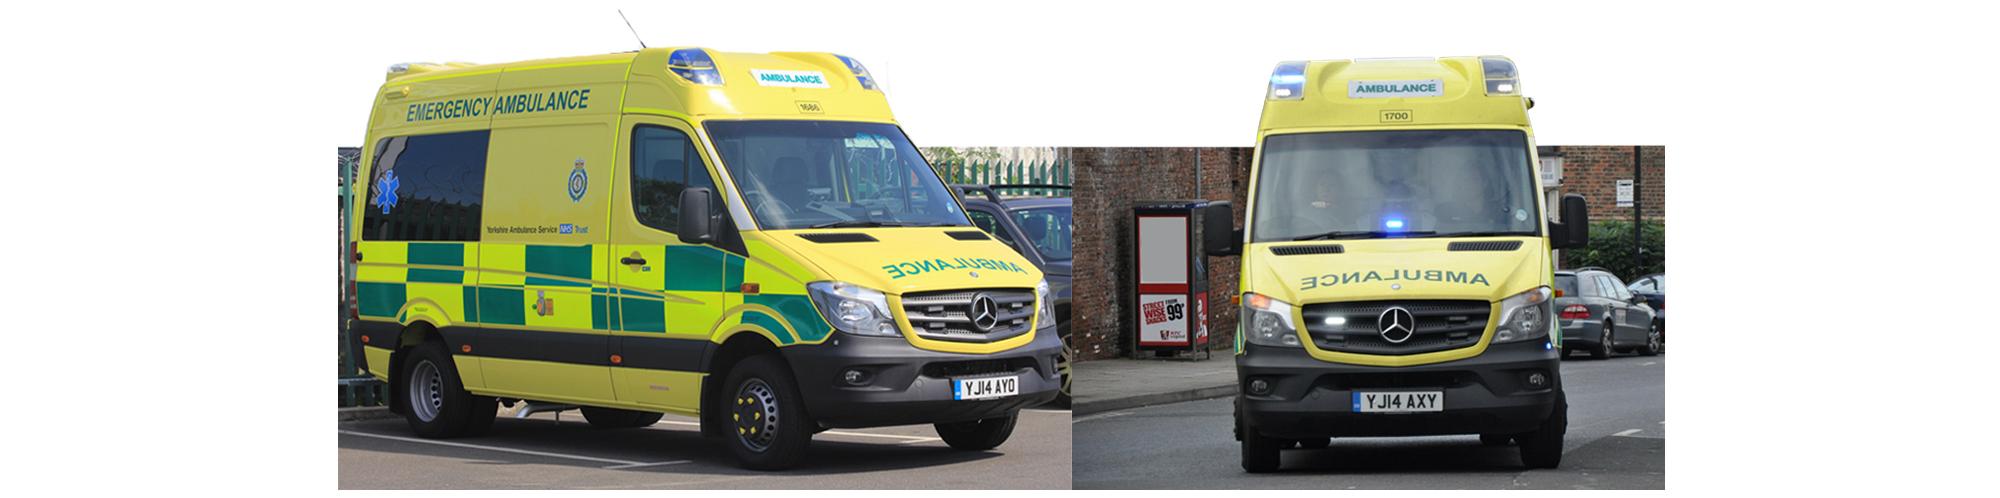 ambulance-redone-home-page